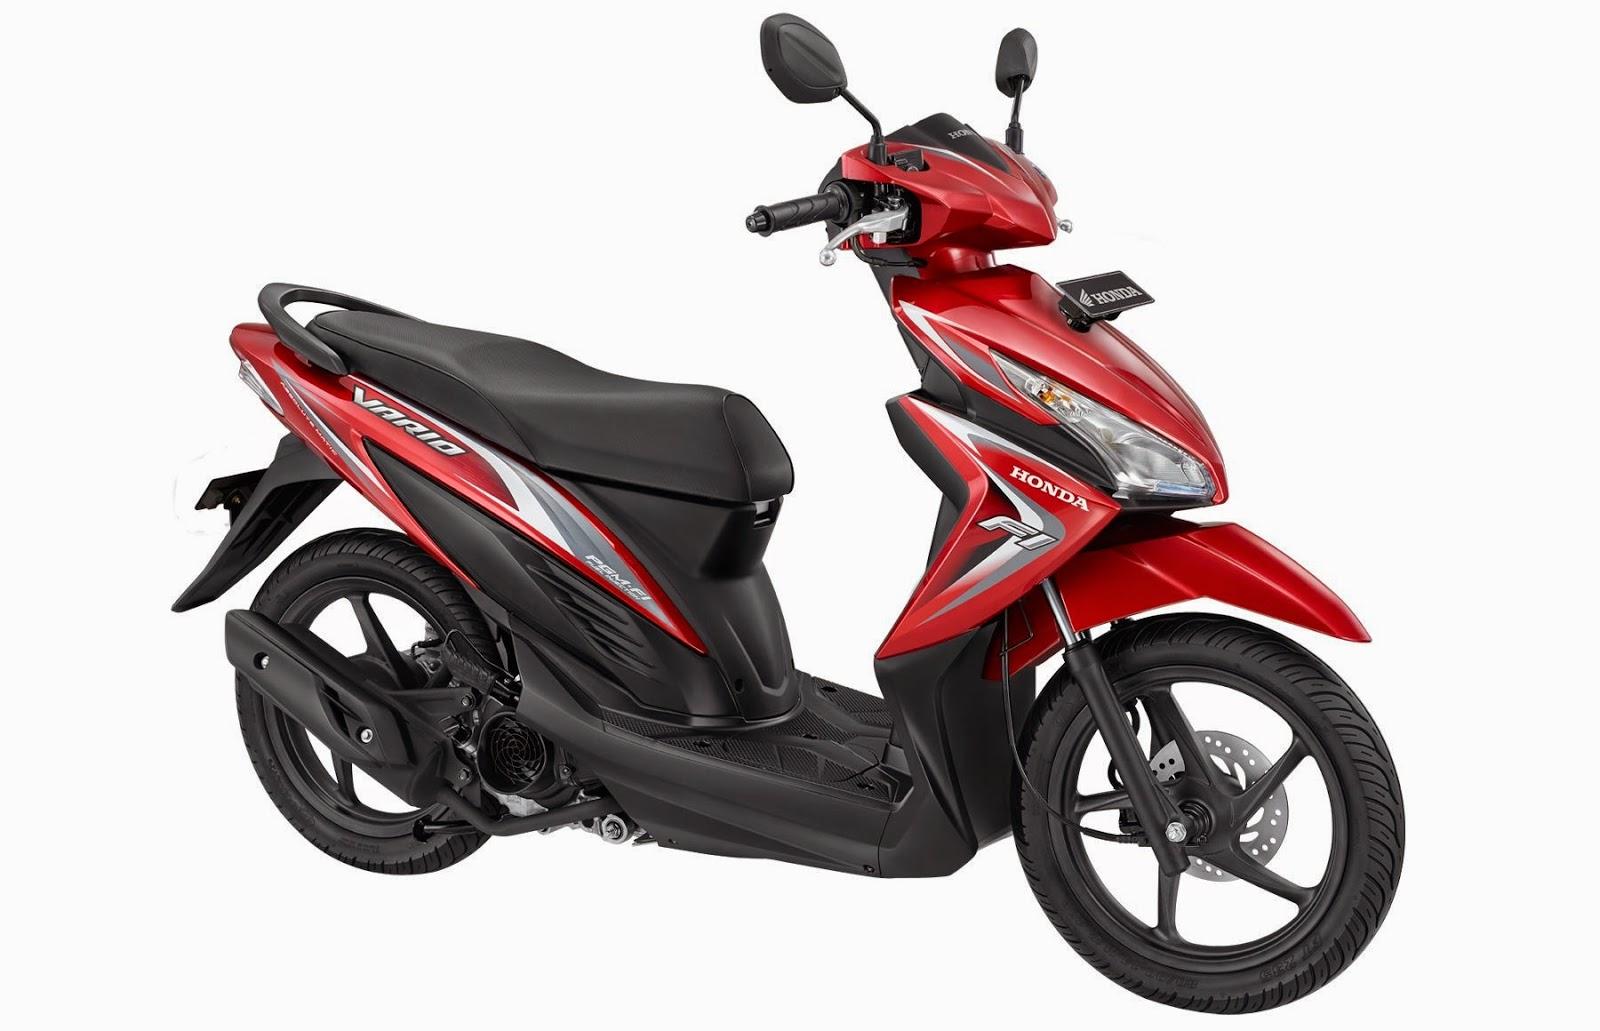 Spesifikasi Motor Honda New Vario FI